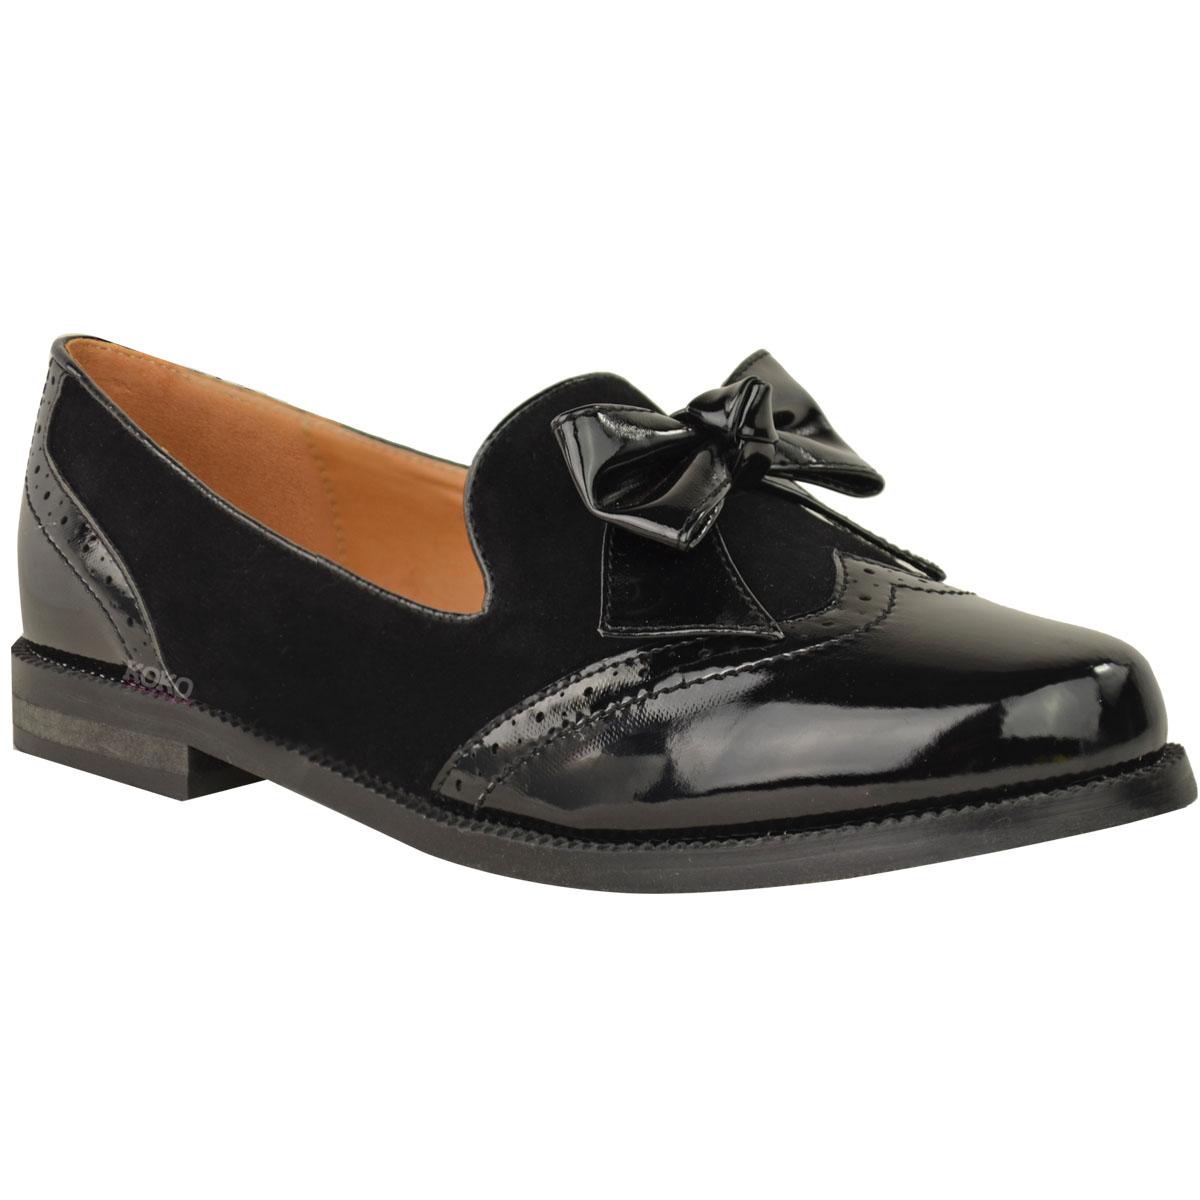 Wholesale School Shoes Uk